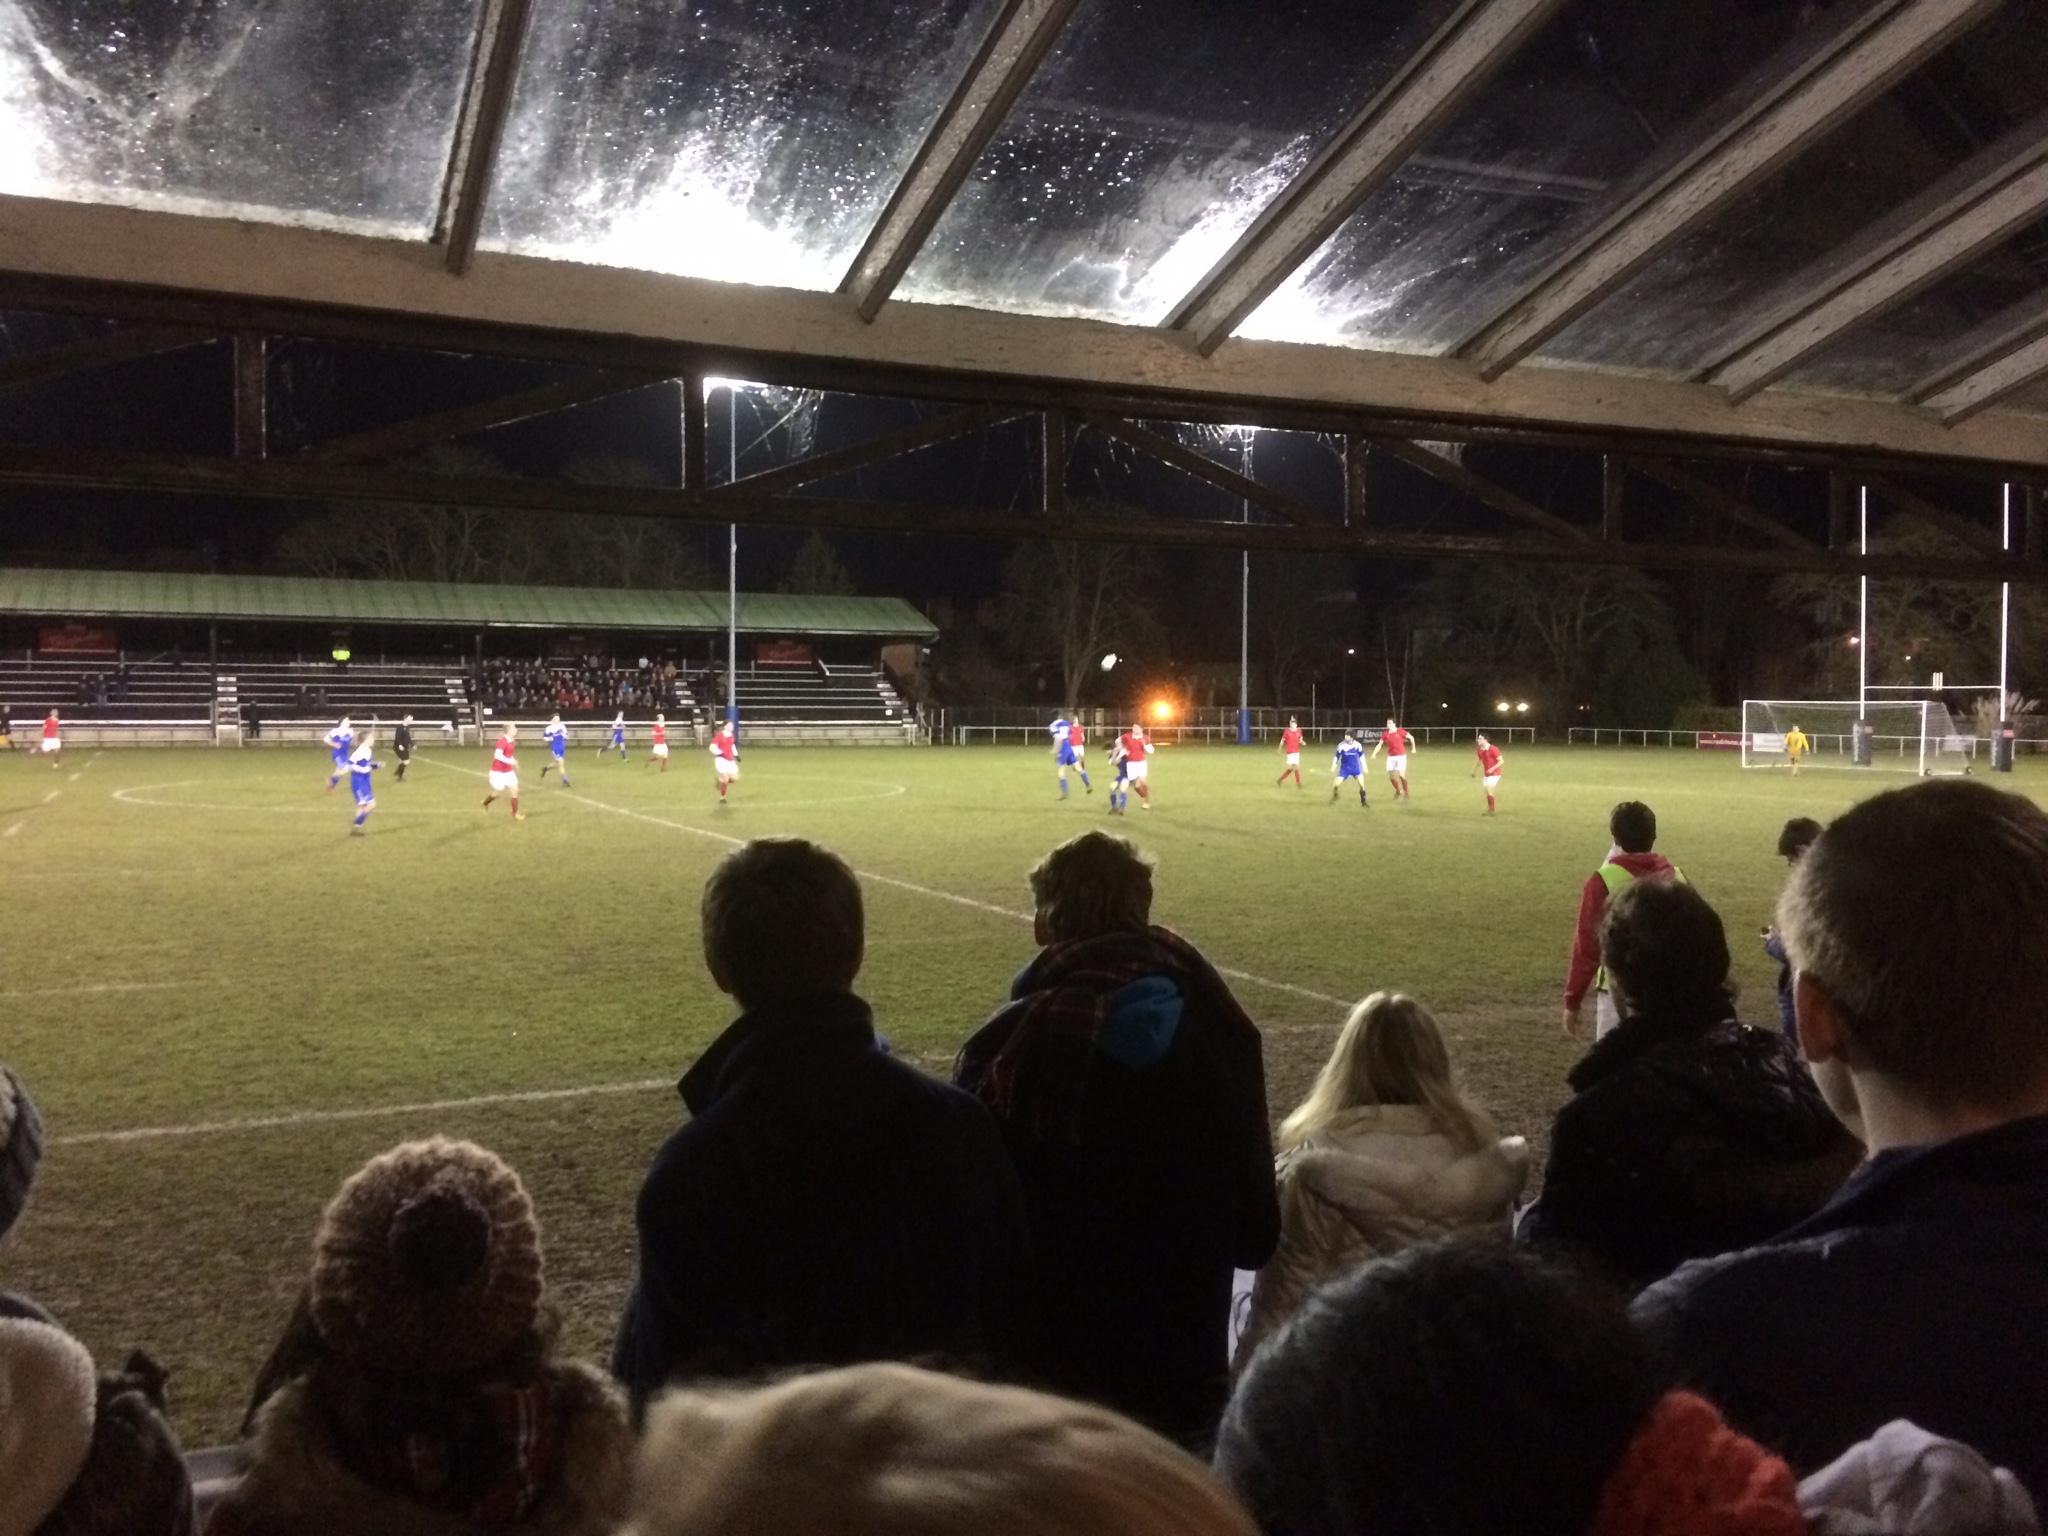 An ariel battle in the midfield